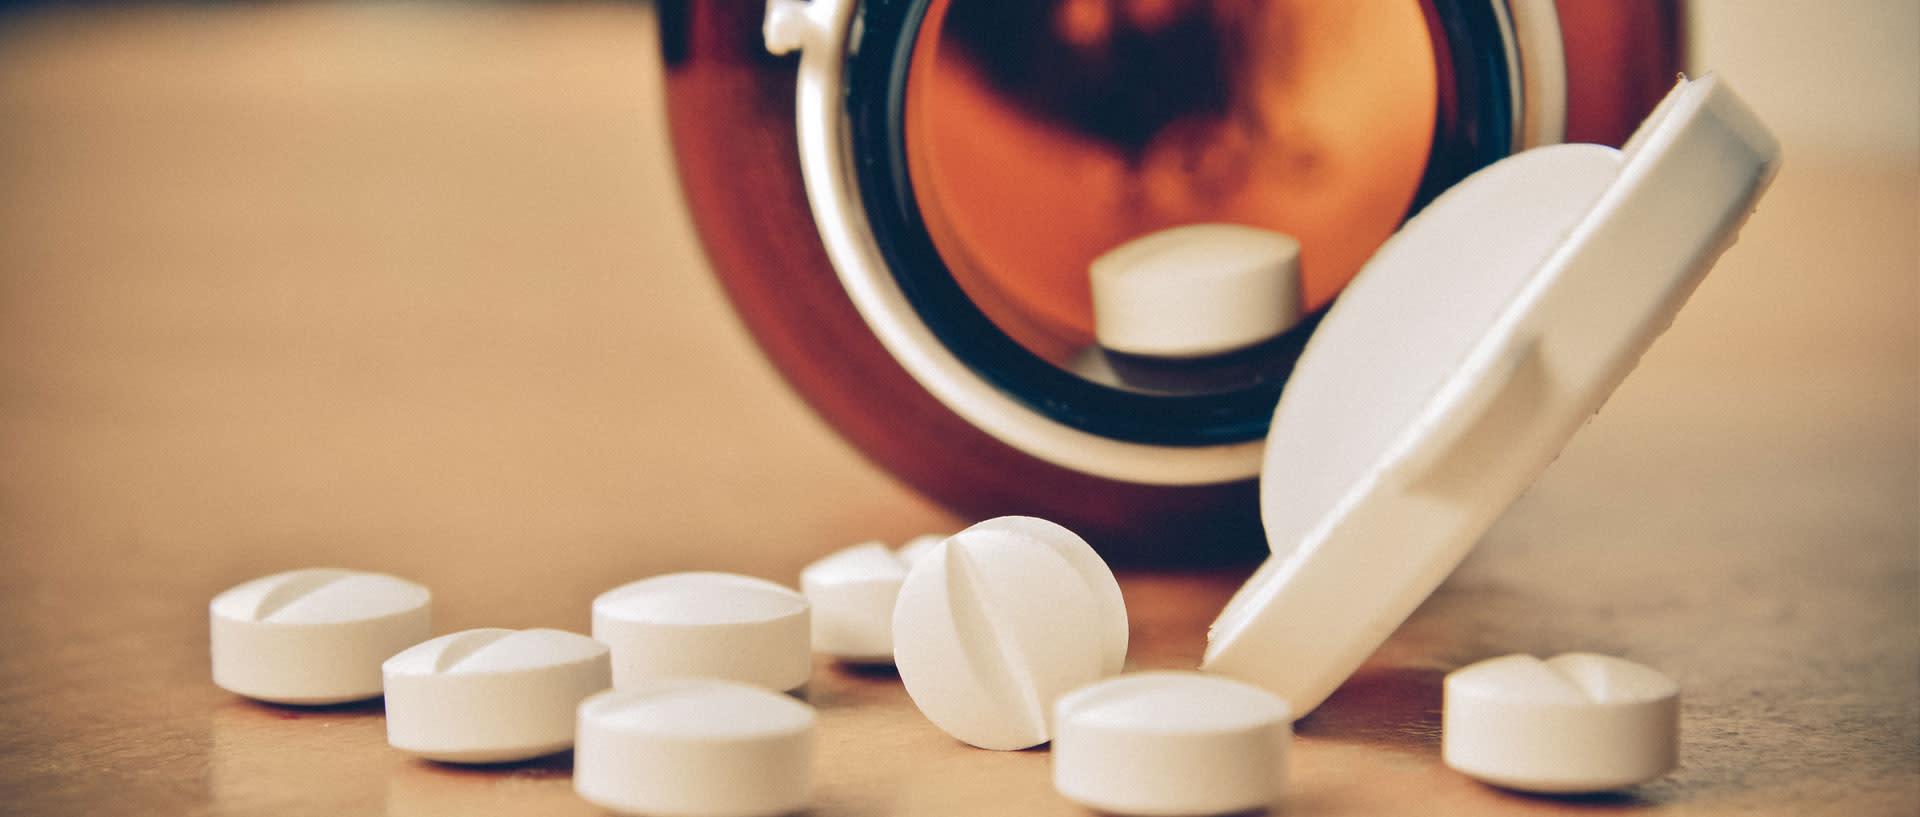 Should I Take A Daily Aspirin To Prevent Colon Cancer